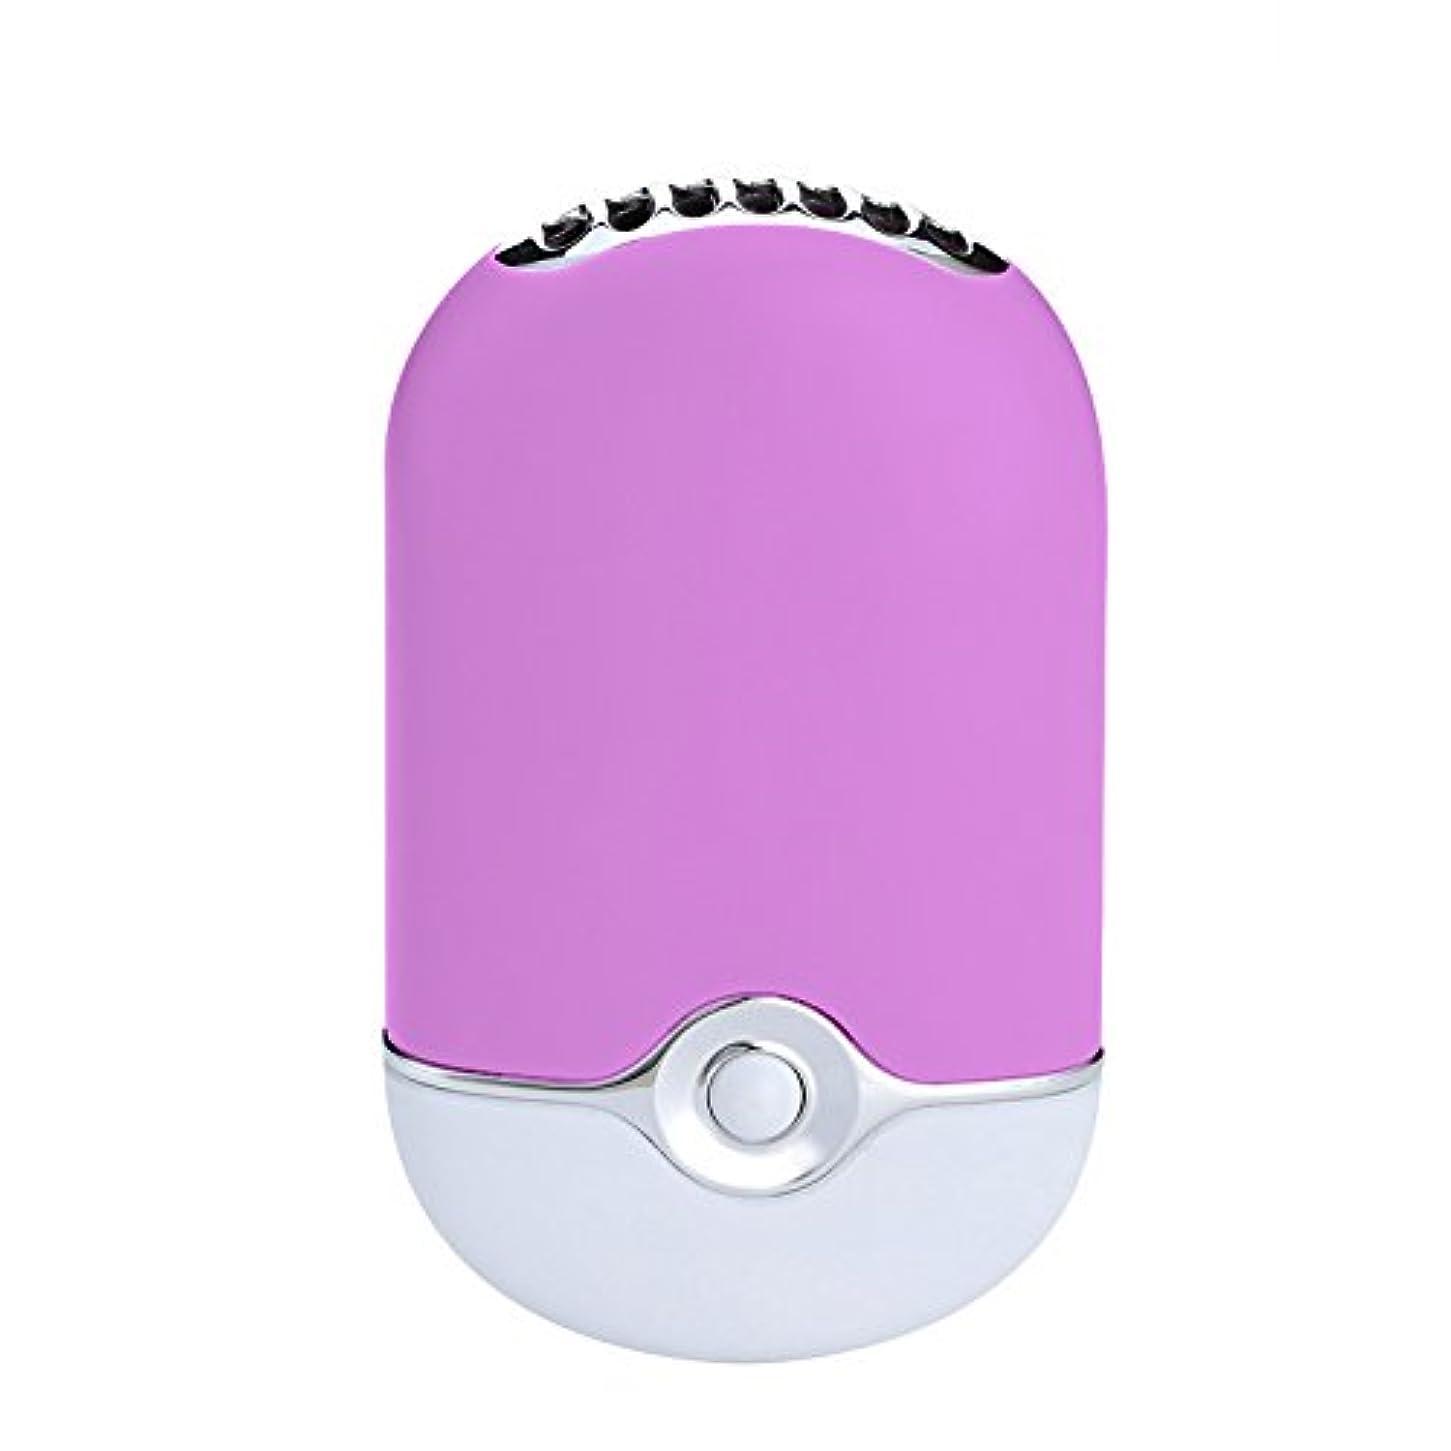 Mengshen まつ毛ドライヤー くぎ ネイルドライヤー ハンドヘルドクイックドライヤー まつげエクステ用 USB ミニファンブロワー 速乾性 F015 Purple